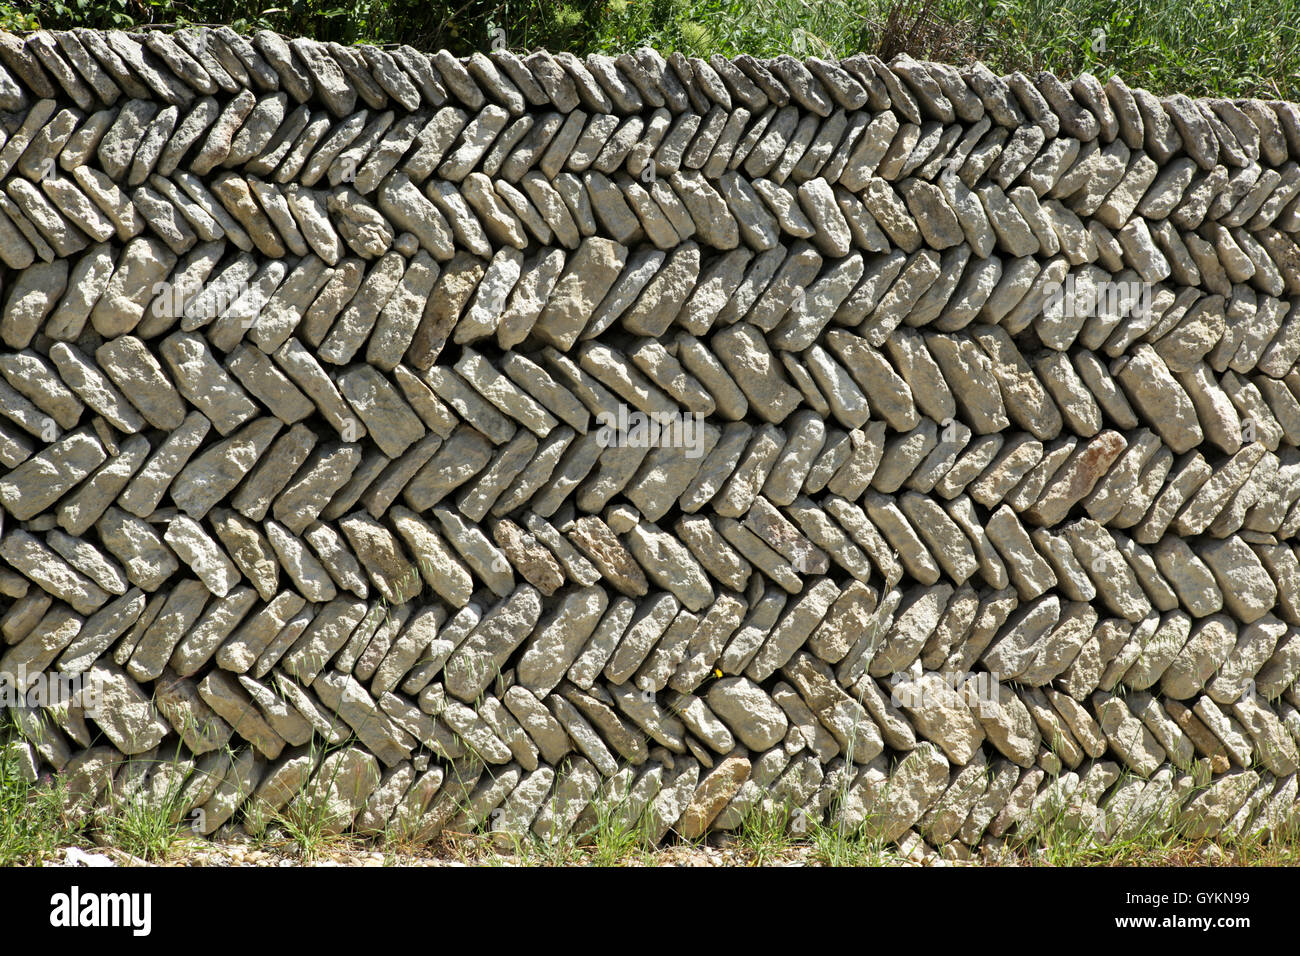 Herringbone dry stone hedging - Stock Image